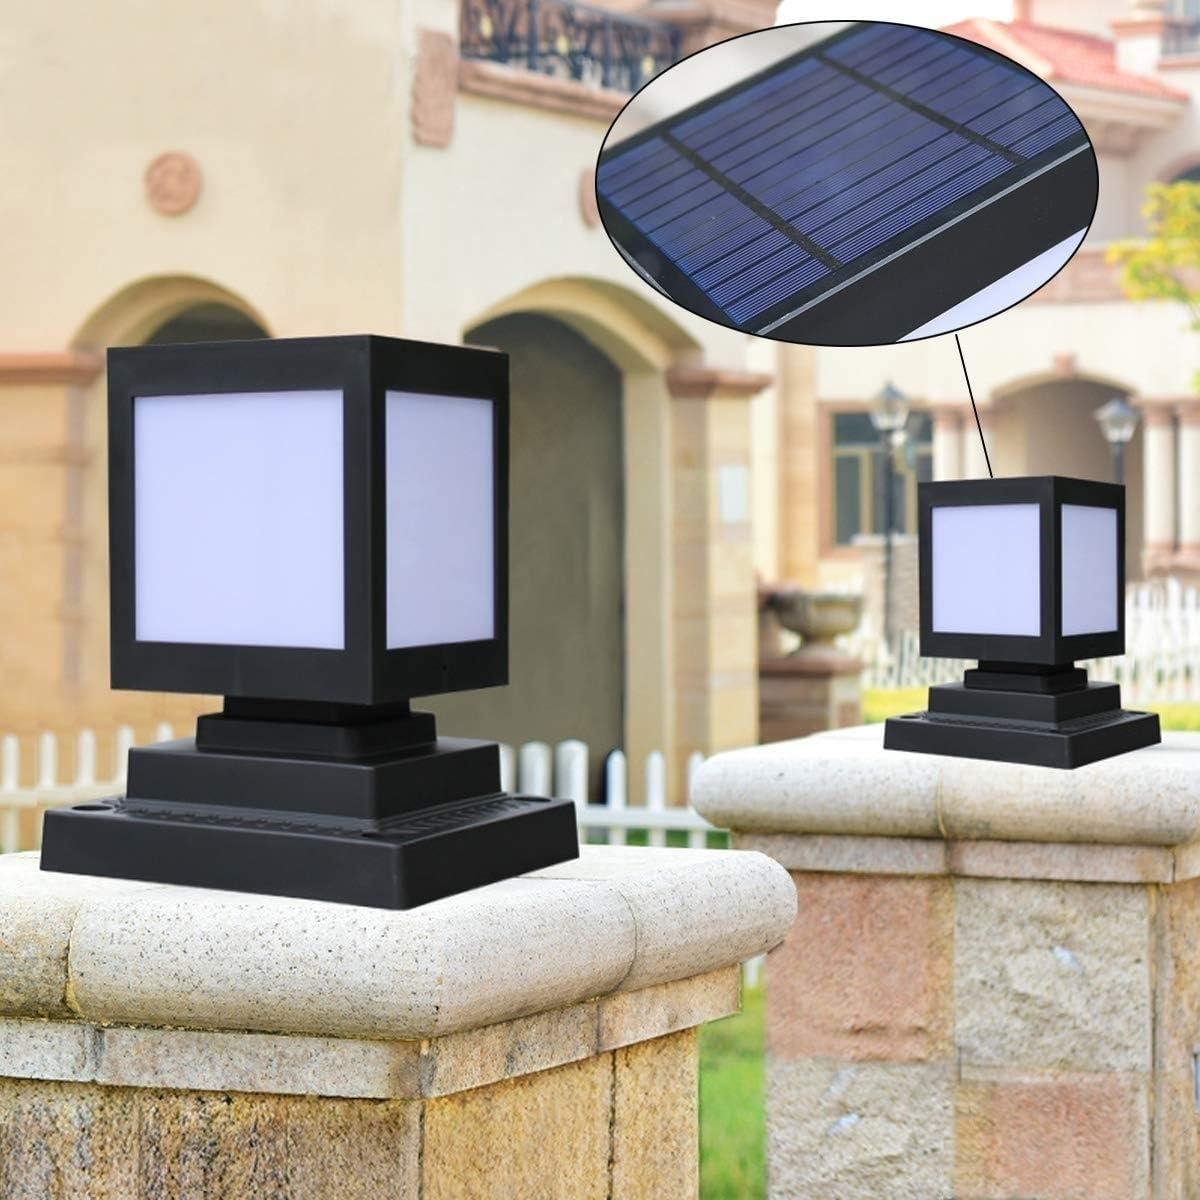 AXWT Luces de cerca solar, pilar de luz Cuadrado Lámpara de columna LED solar moderna Cubierta de patio moderna Iluminación IP55 Villa impermeable LED Poste de pared Pilar Linterna Luz 5W: Amazon.es: